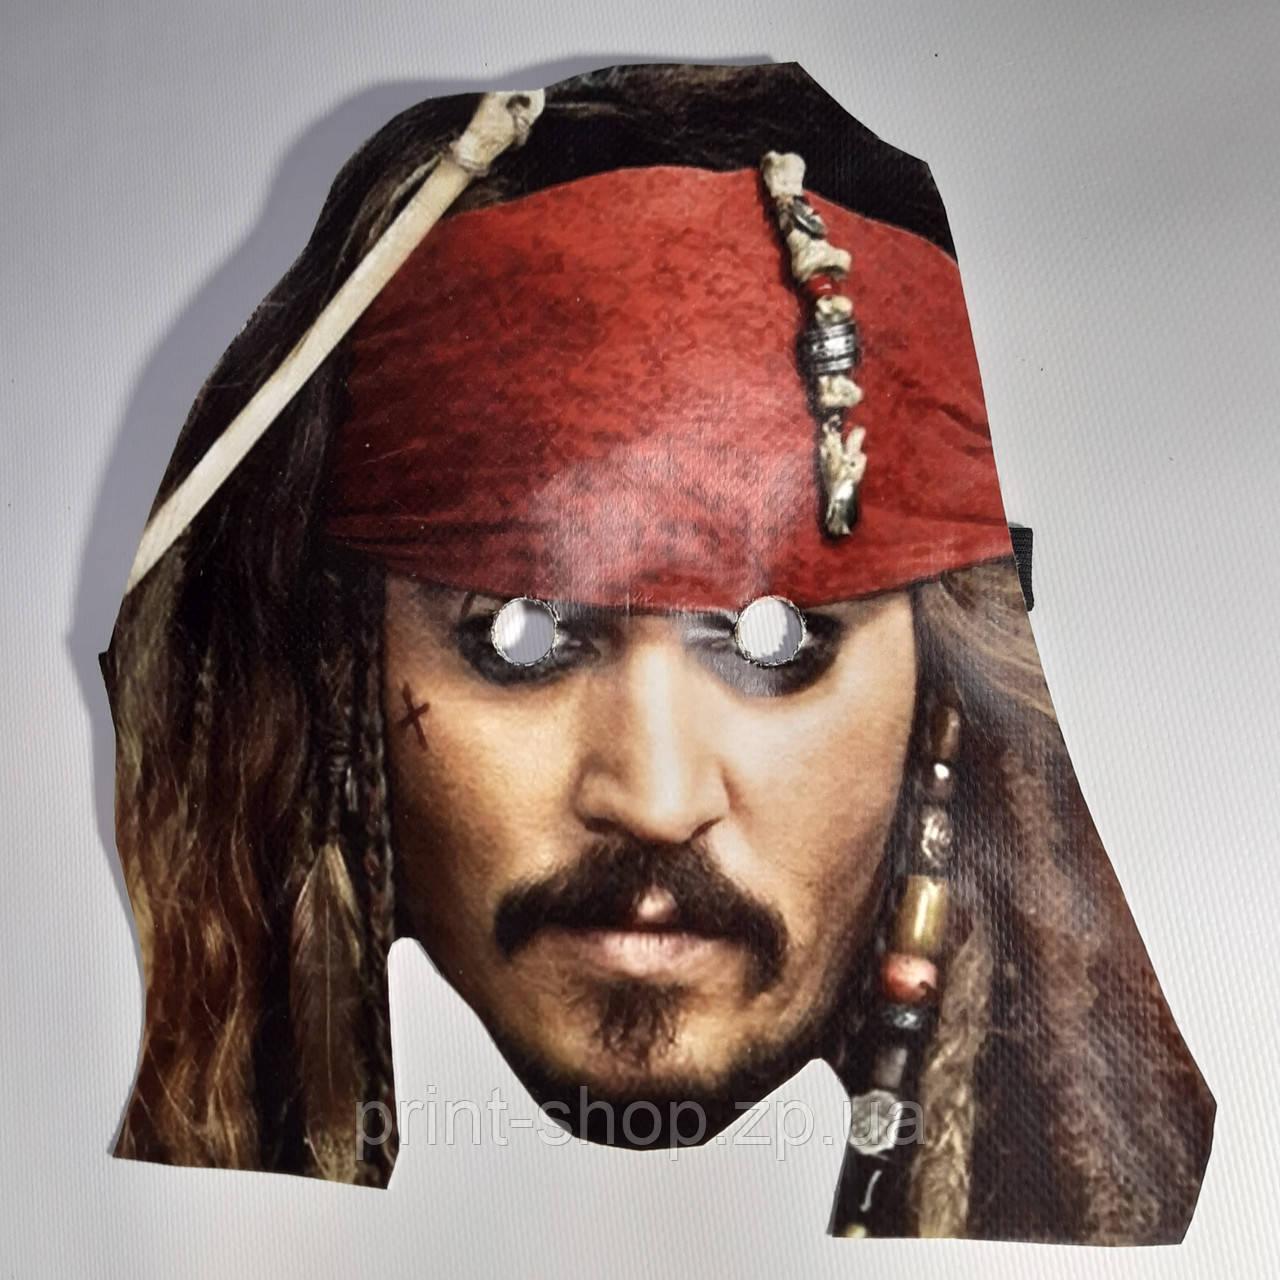 Карнавальная маска Джек Воробей. Пират карибского моря